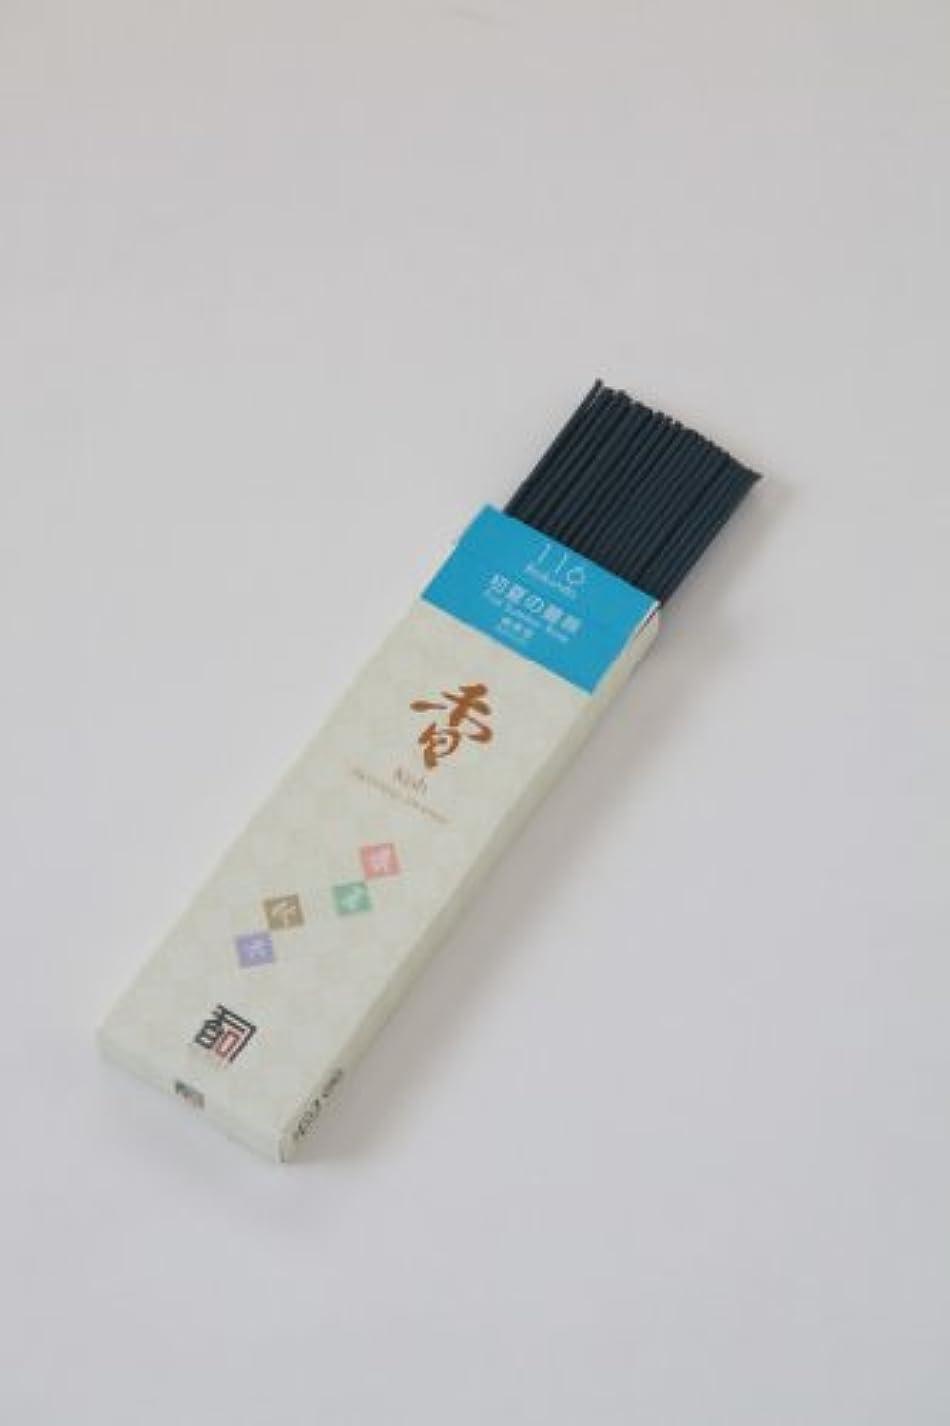 退却ジョージハンブリー空中「あわじ島の香司」 日本の香りシリーズ (春夏秋冬) 【116】  ◆初夏の薔薇◆